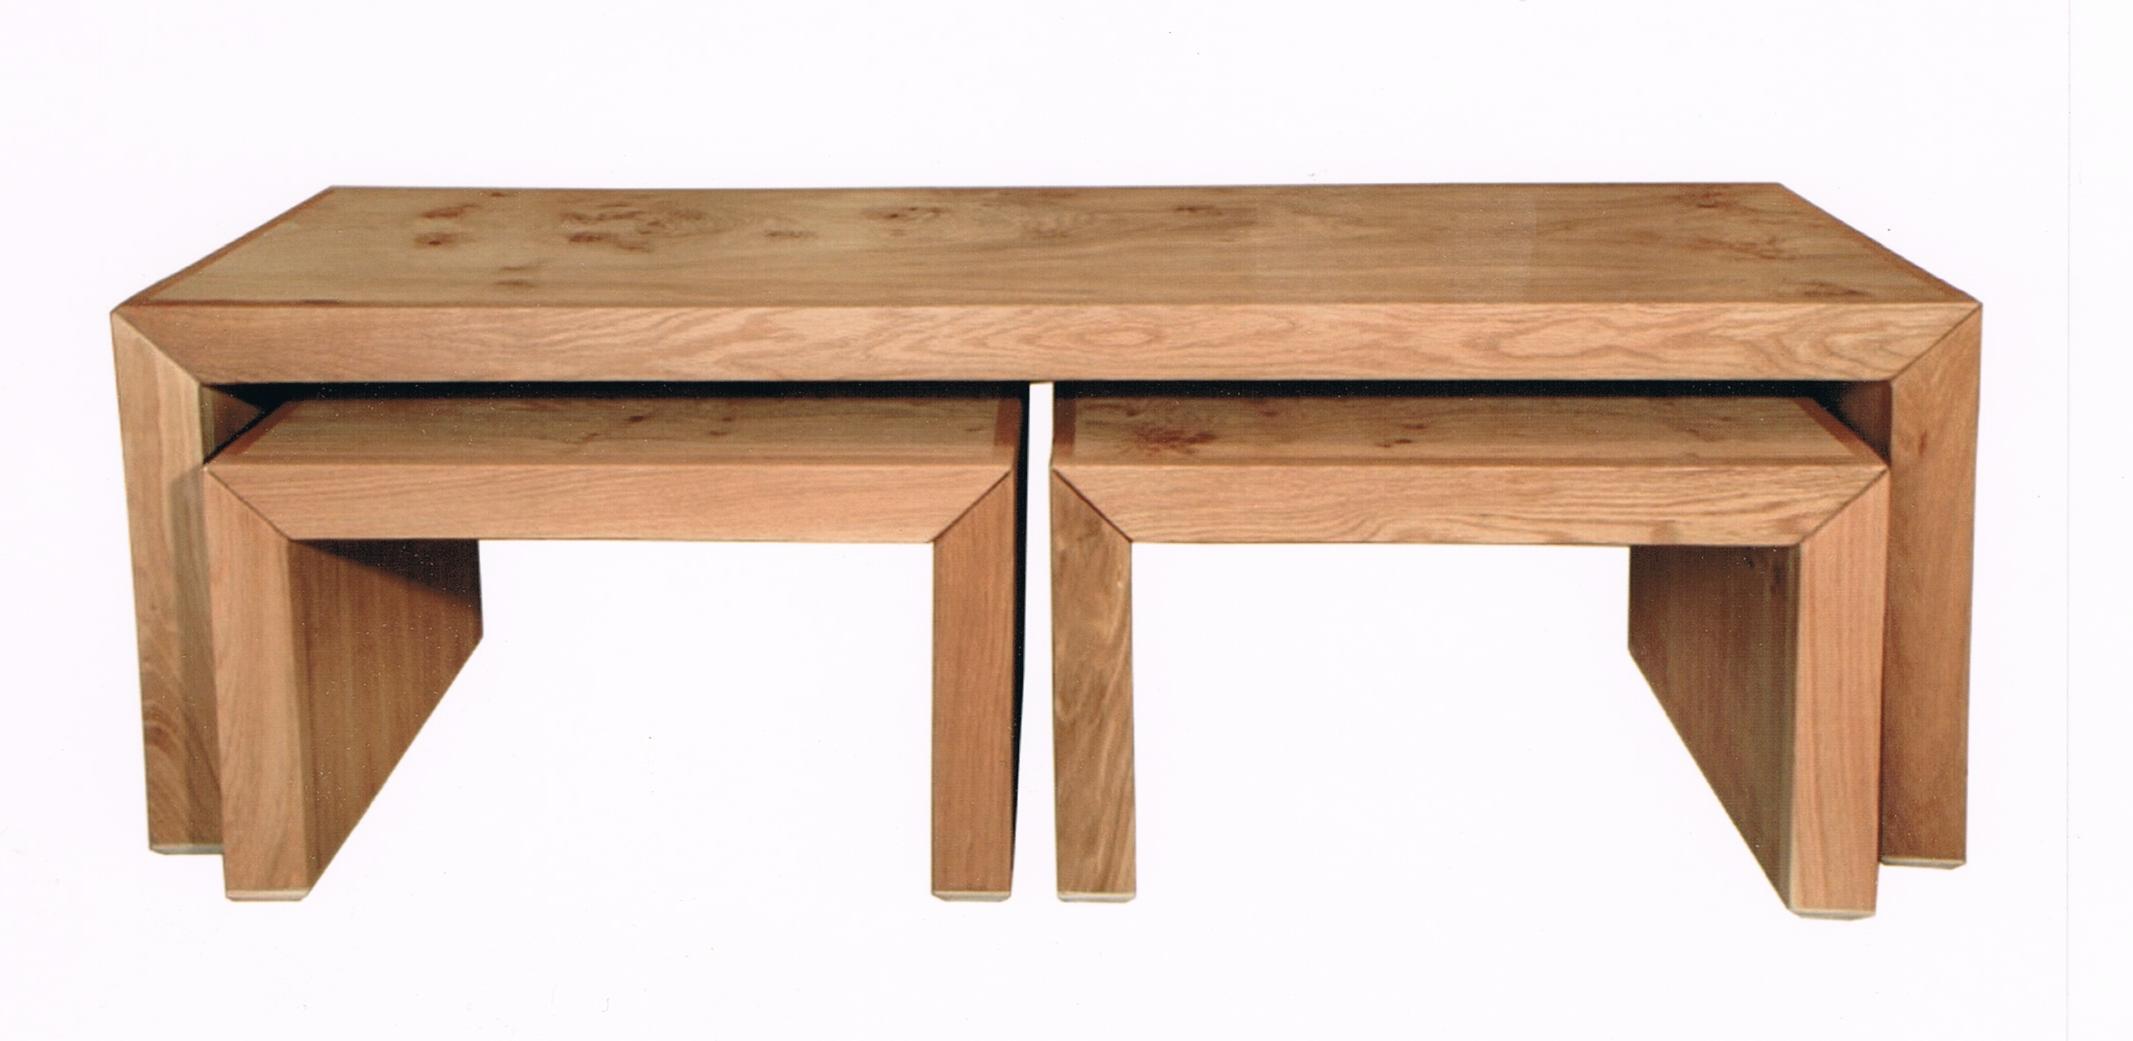 נפלאות 2 שולחנות סלון בתוך שולחן מאלון מבוקע דגם N161   Yalla.co.il AY-36